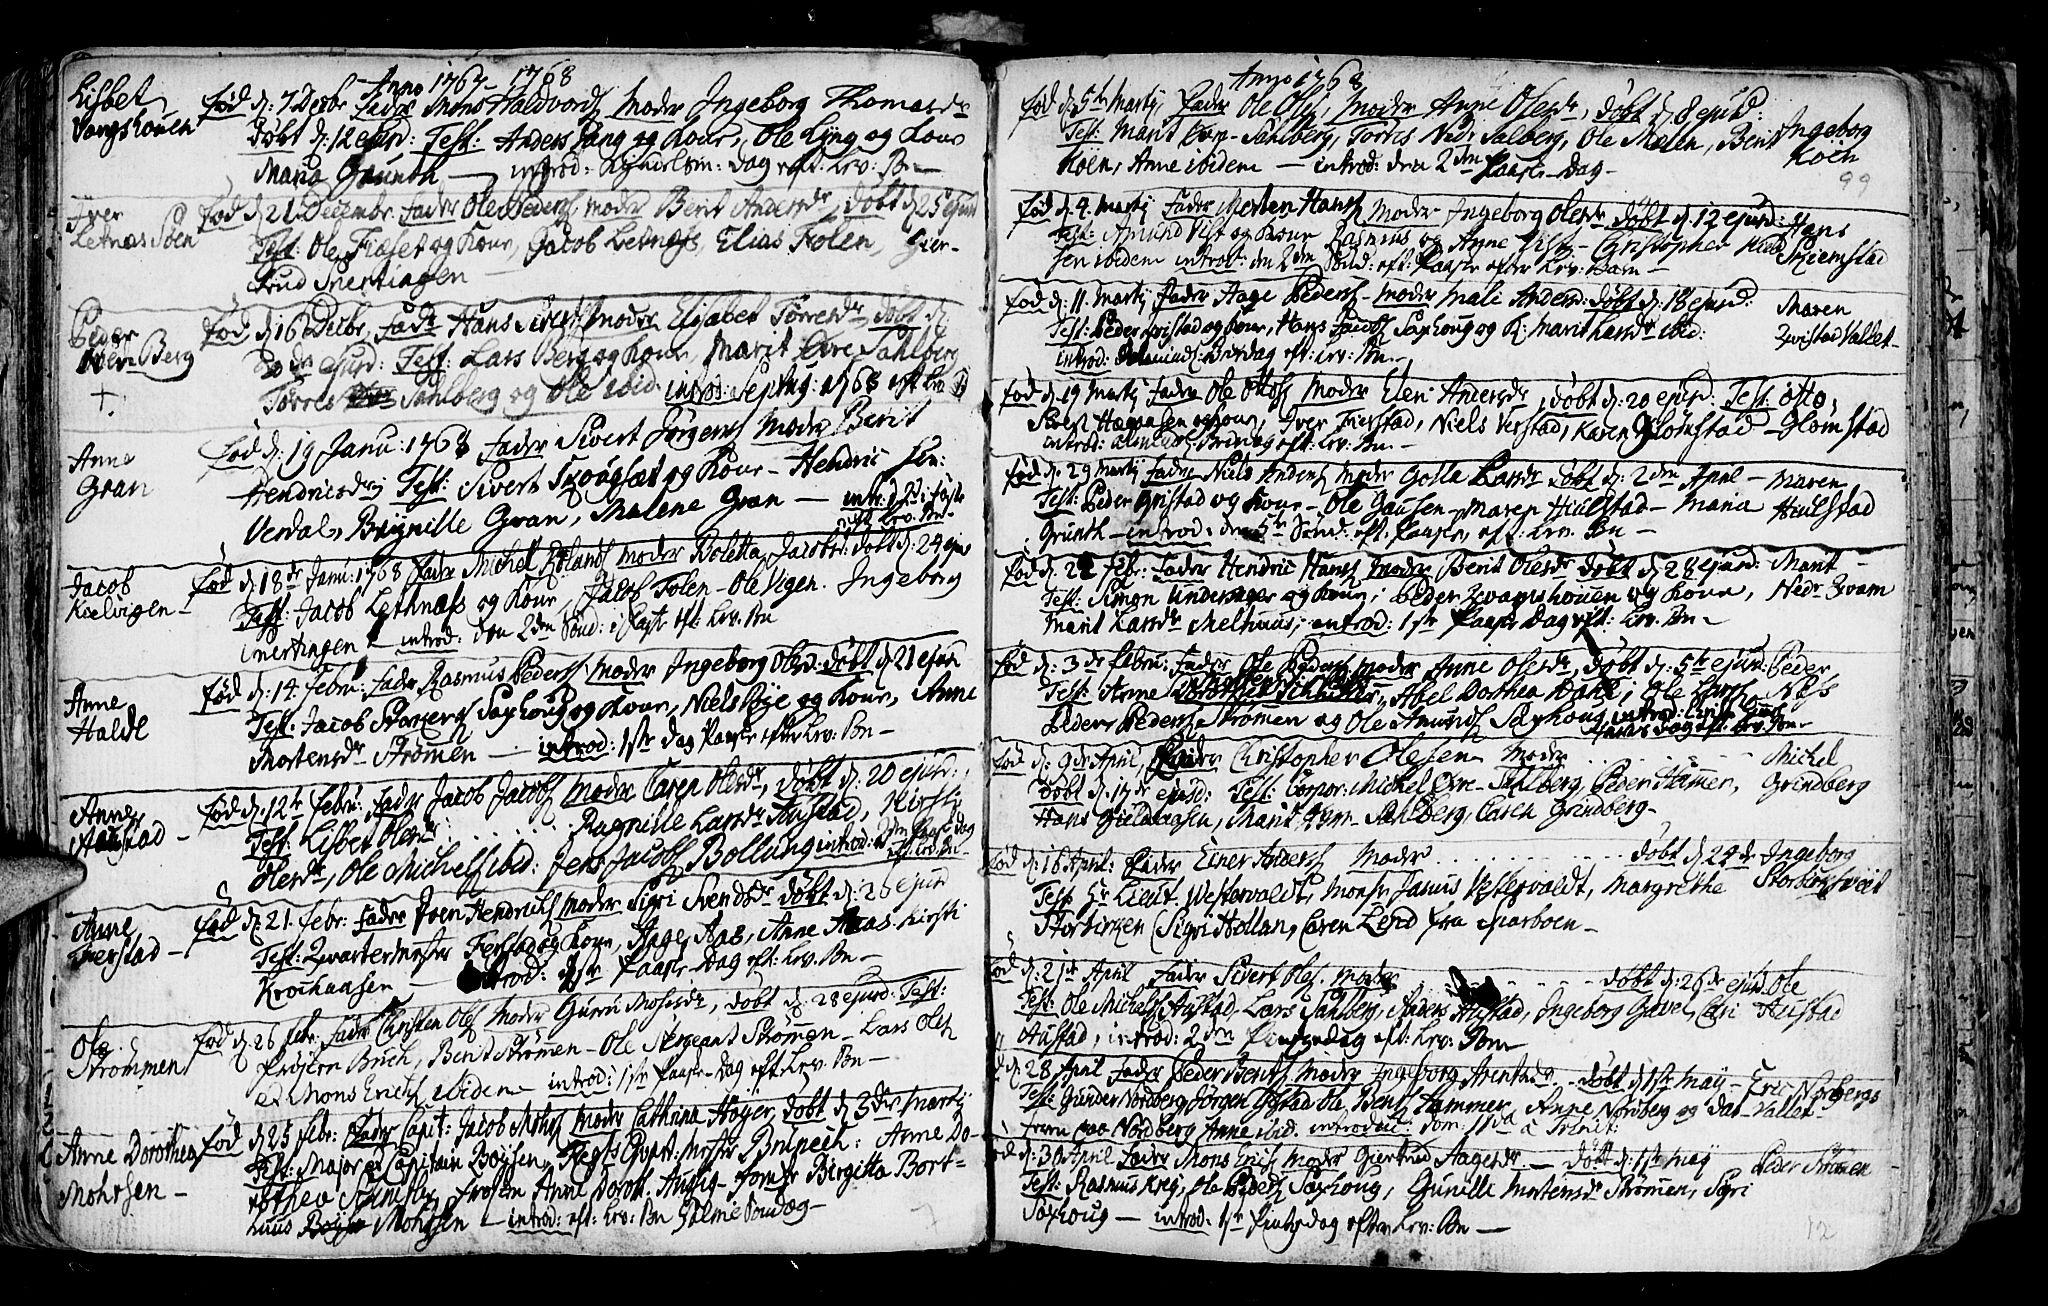 SAT, Ministerialprotokoller, klokkerbøker og fødselsregistre - Nord-Trøndelag, 730/L0273: Ministerialbok nr. 730A02, 1762-1802, s. 99